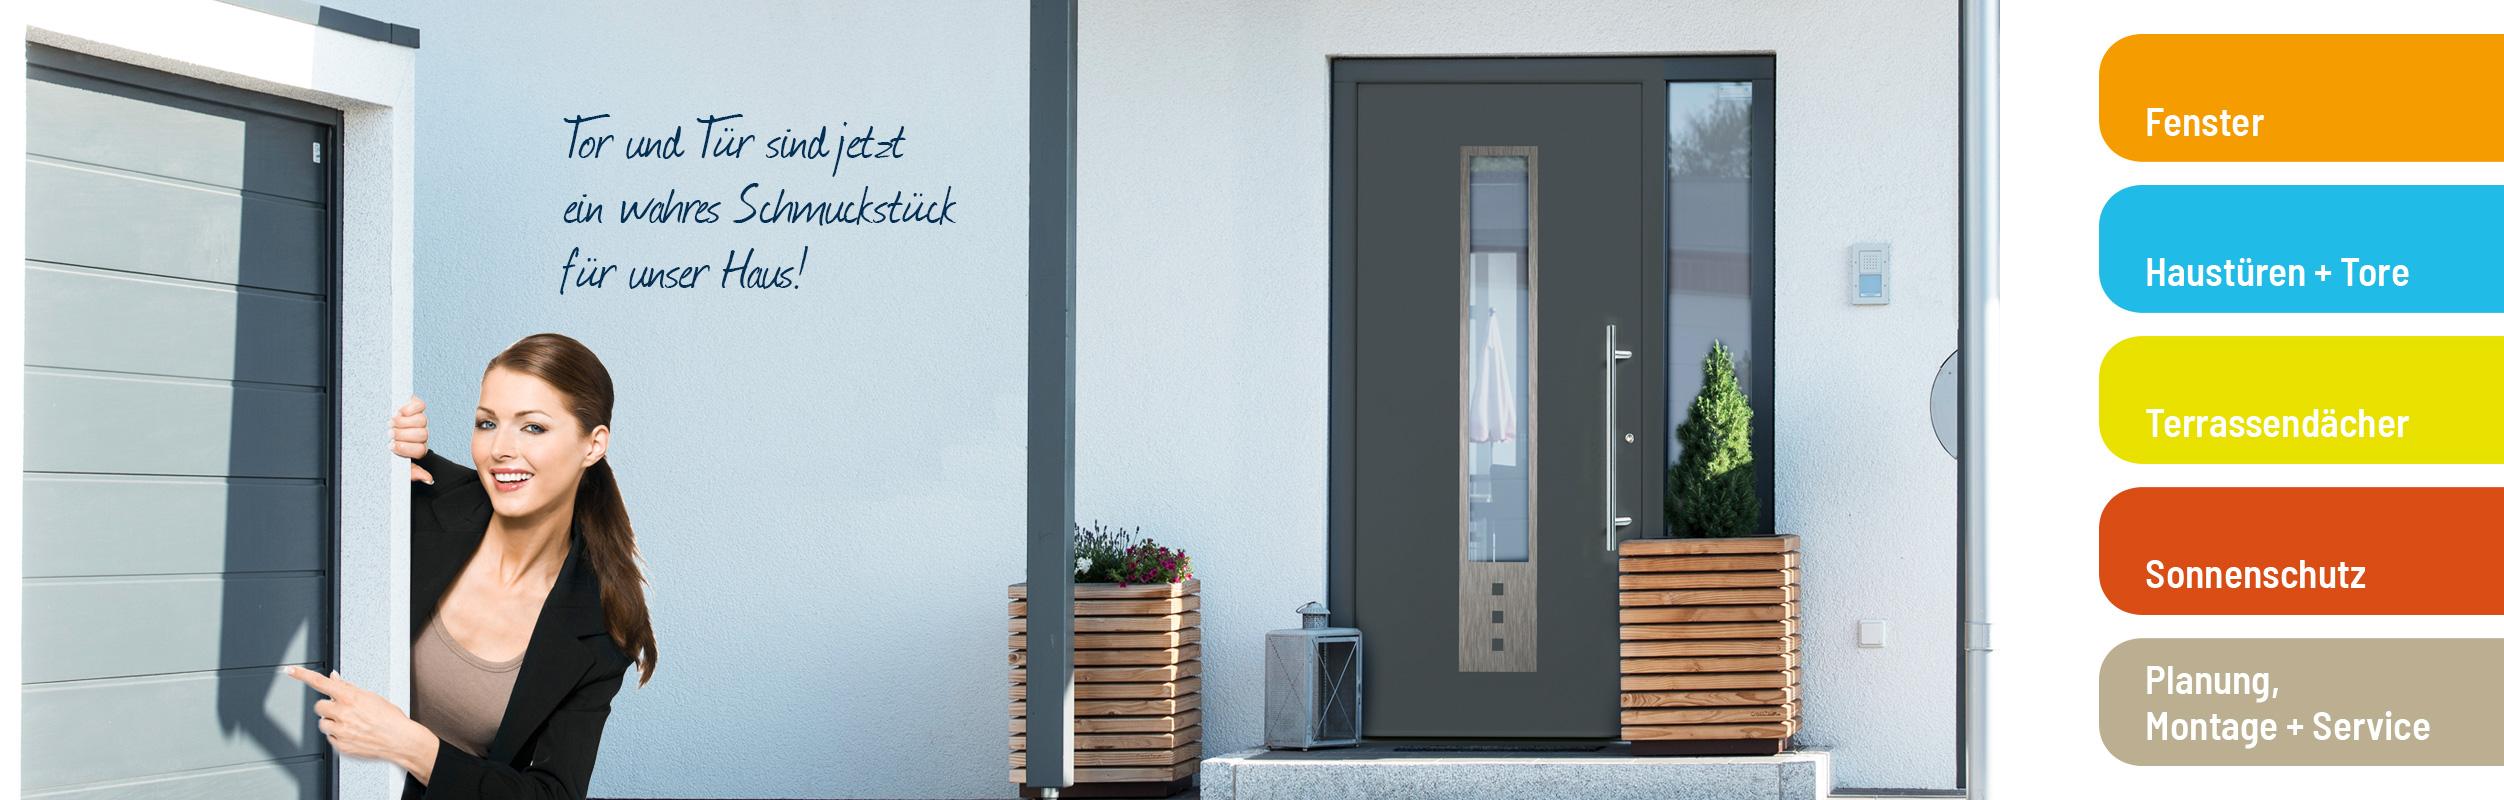 Pott Bauelemente in Langenfeld stattet Ihr zu Hause mit Türen, Fenstern, Toren und Markisen aus